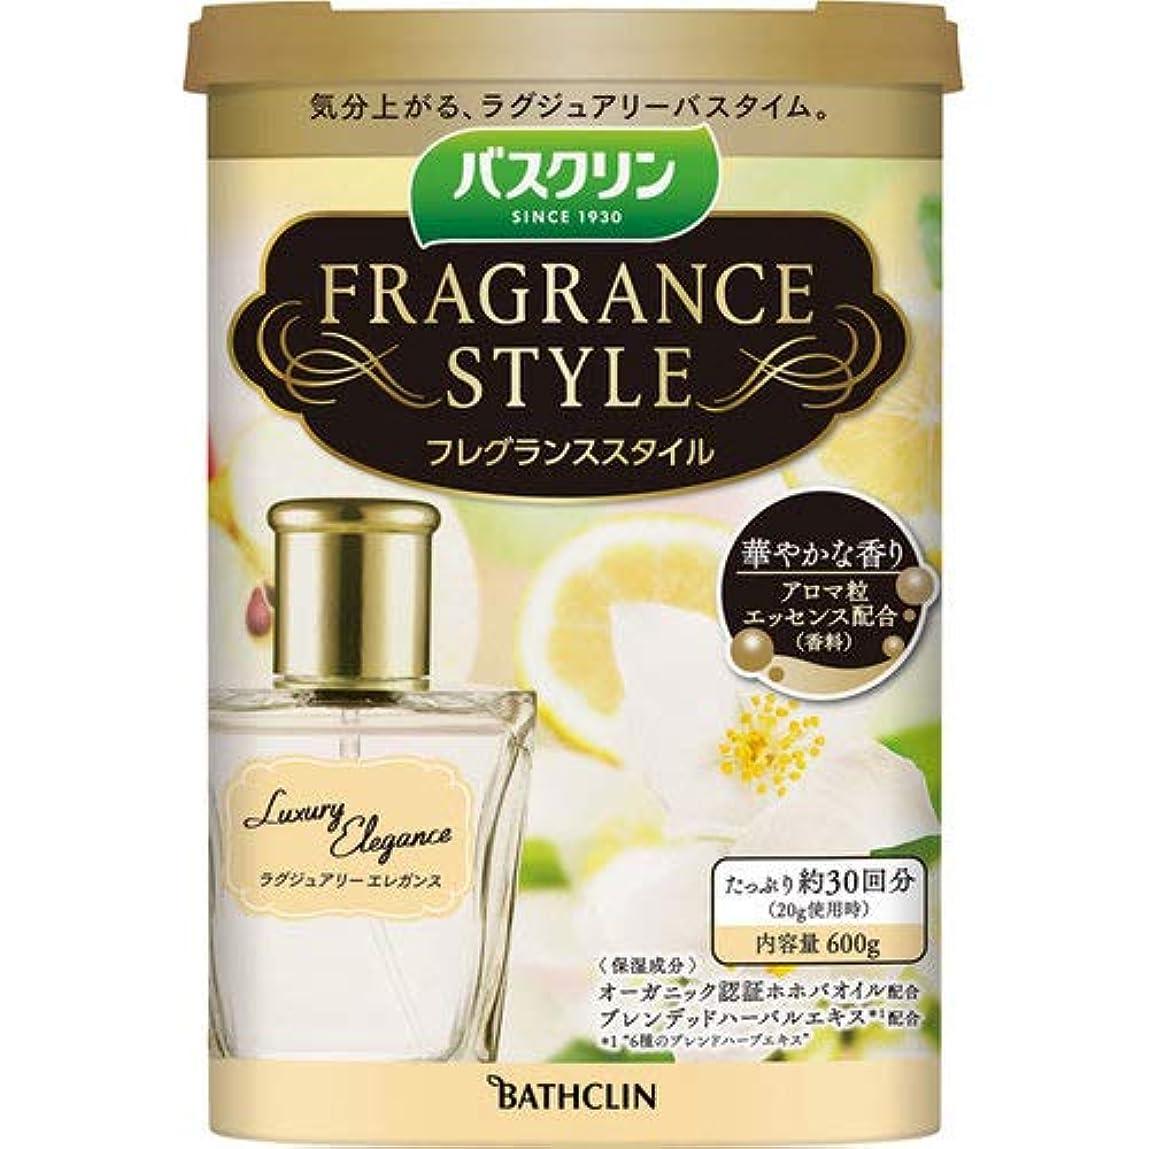 考え招待明らかにするバスクリンフレグランススタイルラグジュアリー エレガンス 入浴剤 フローラルムスク調の香りの入浴剤 600g